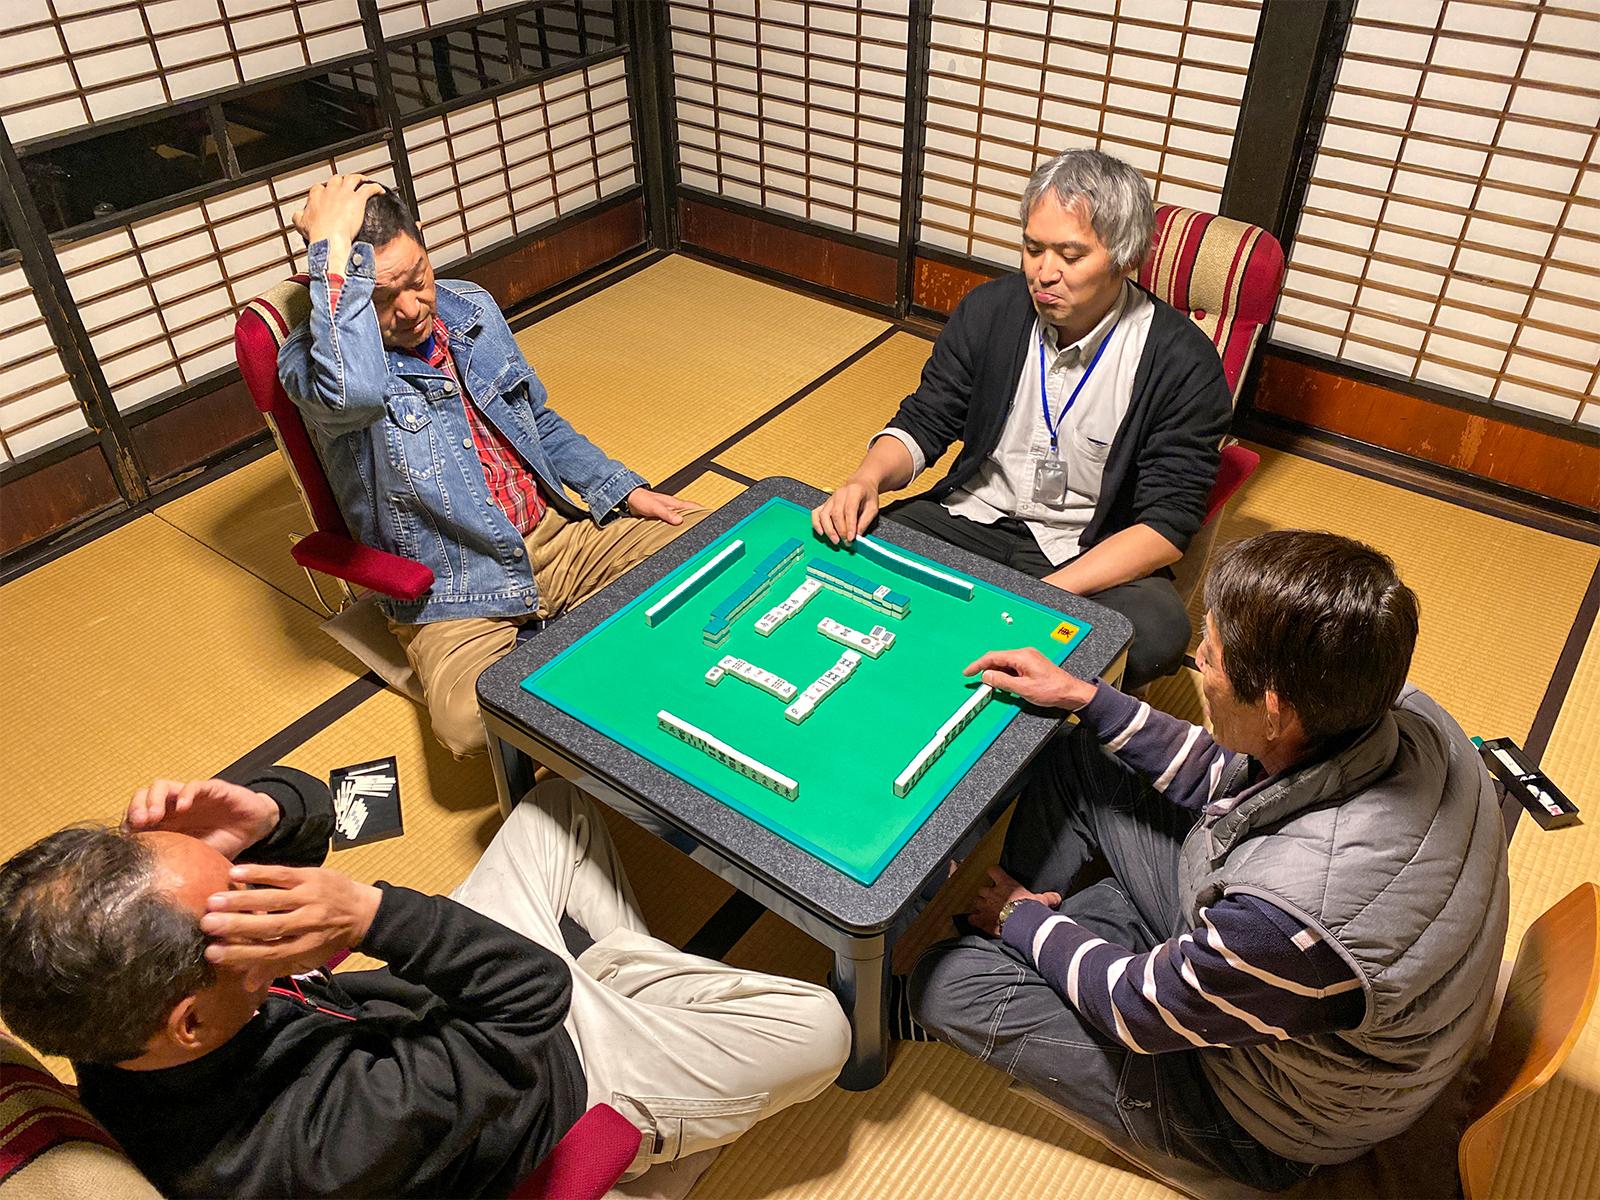 捨て牌は6枚ずつでお願いします!左から原監督、恭ちゃん、つねポン。